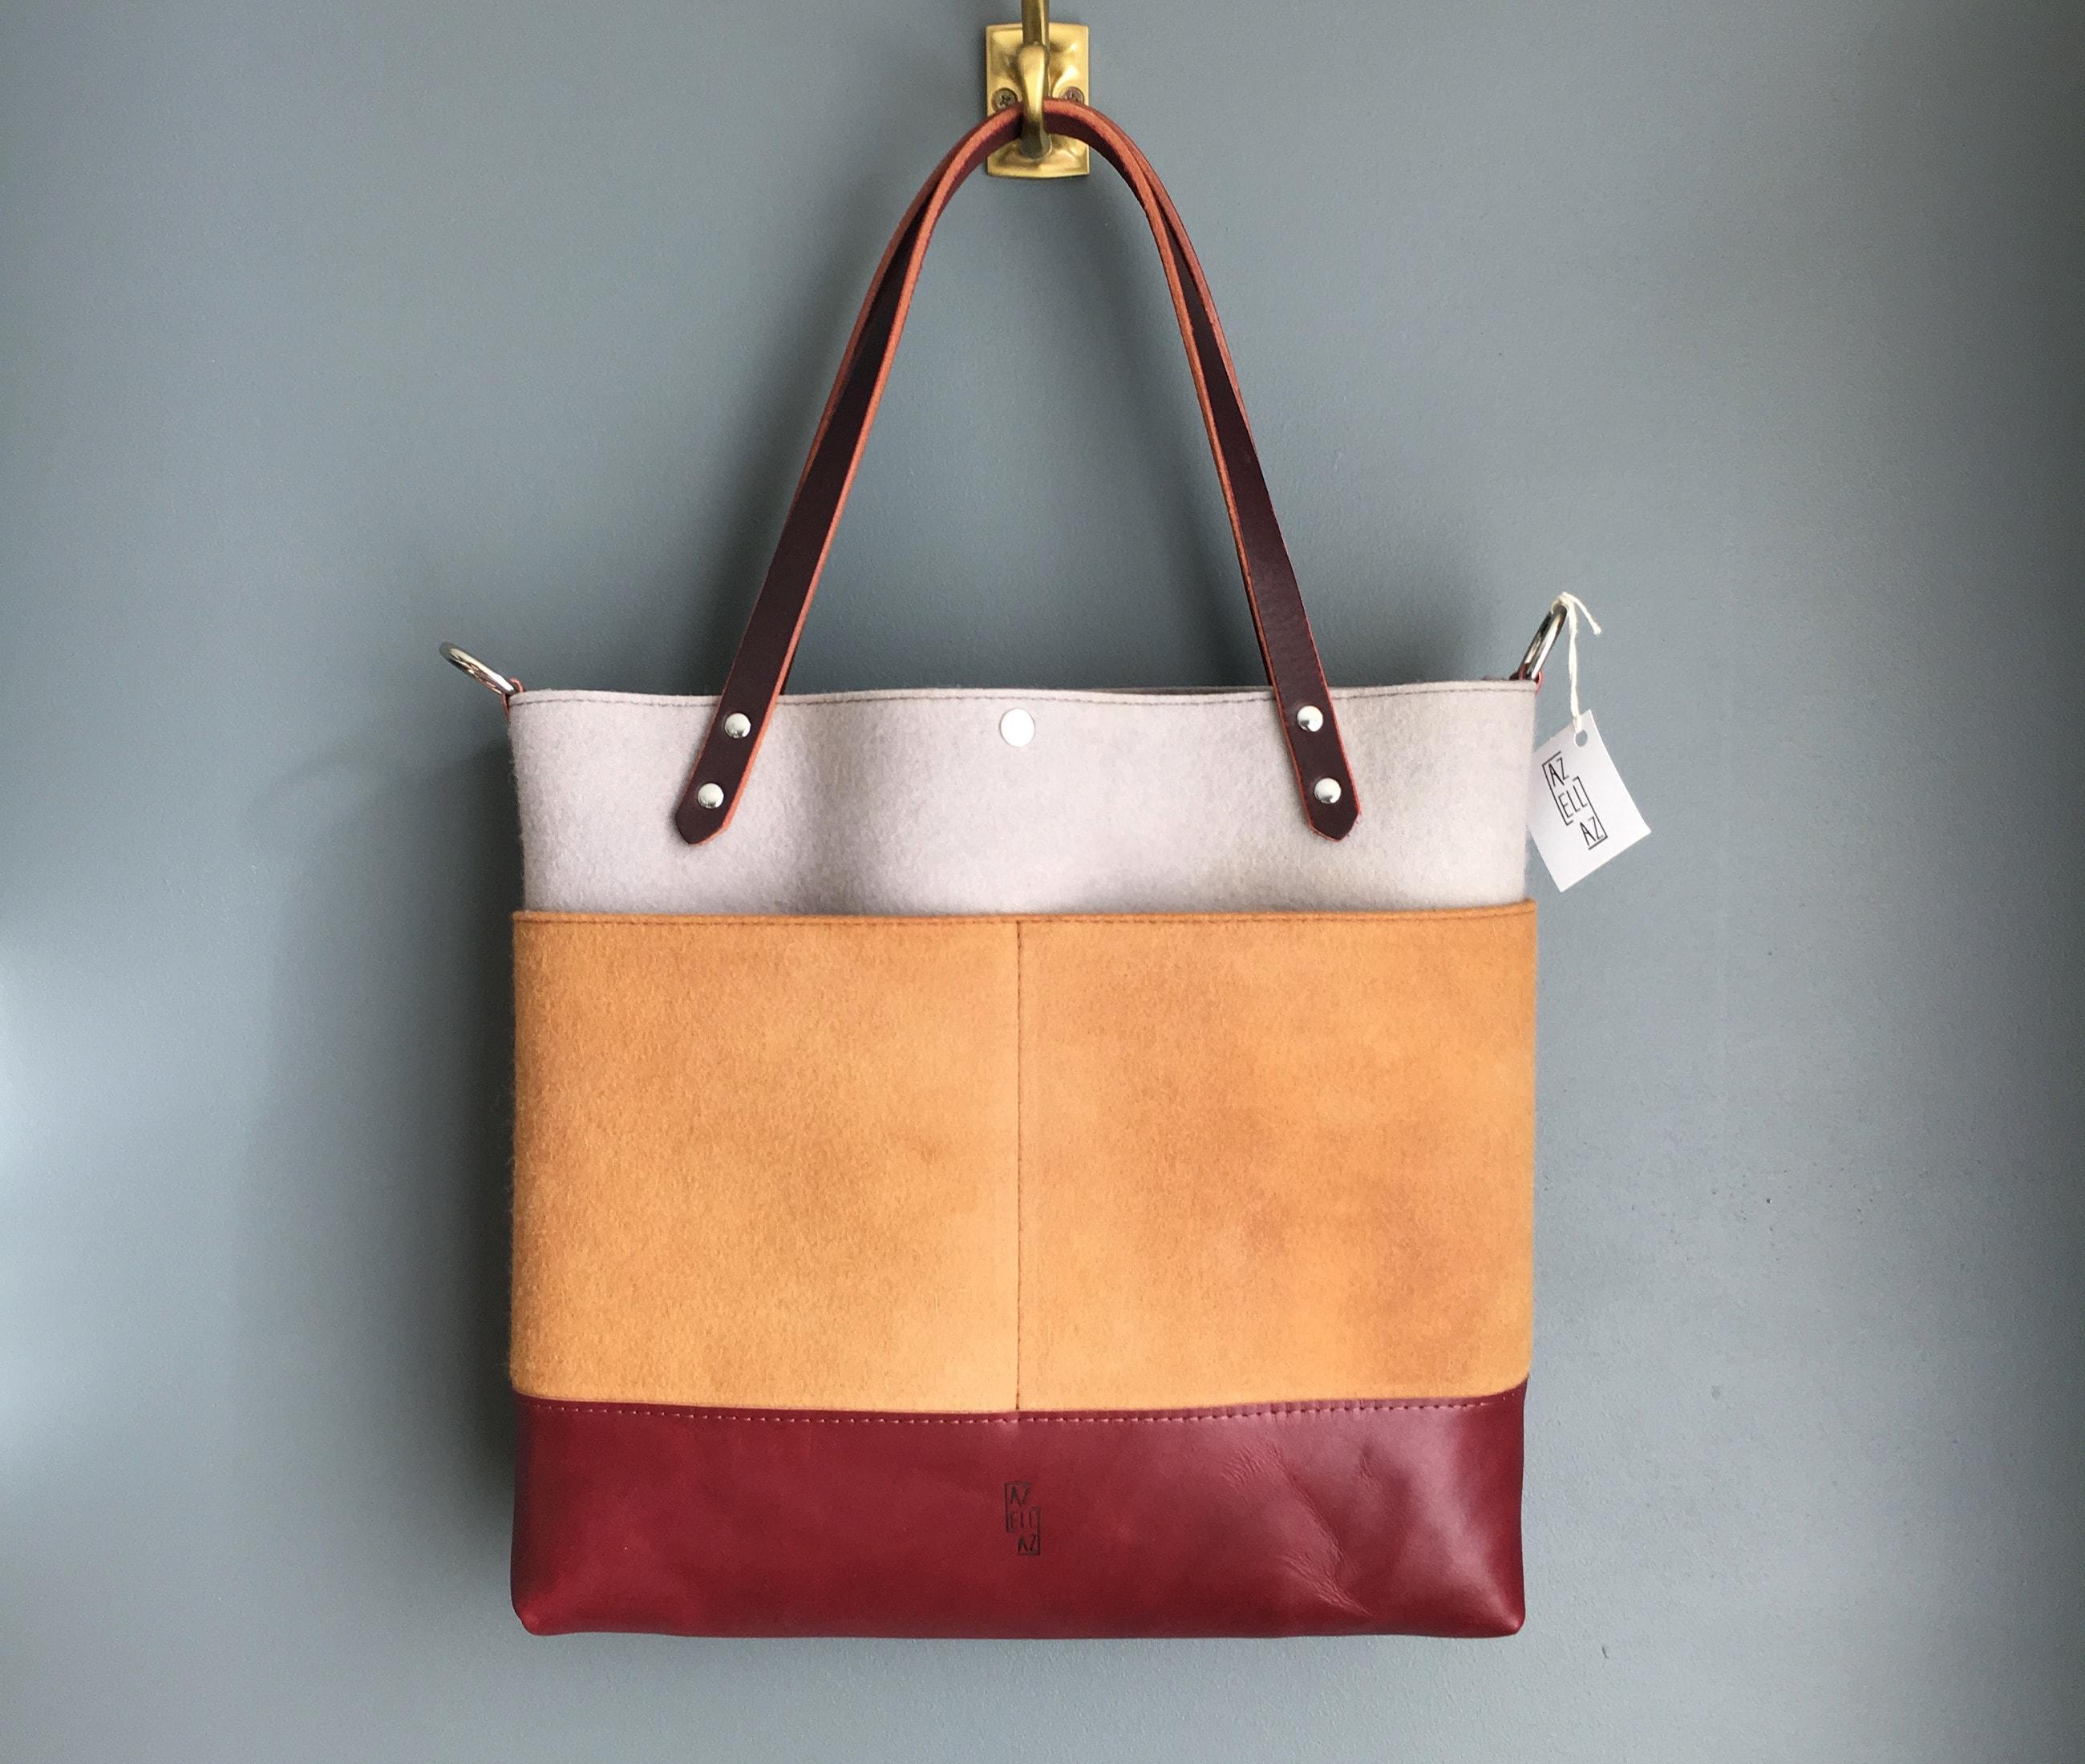 Medium tote felt cutch iron maroon leather by Azellaz